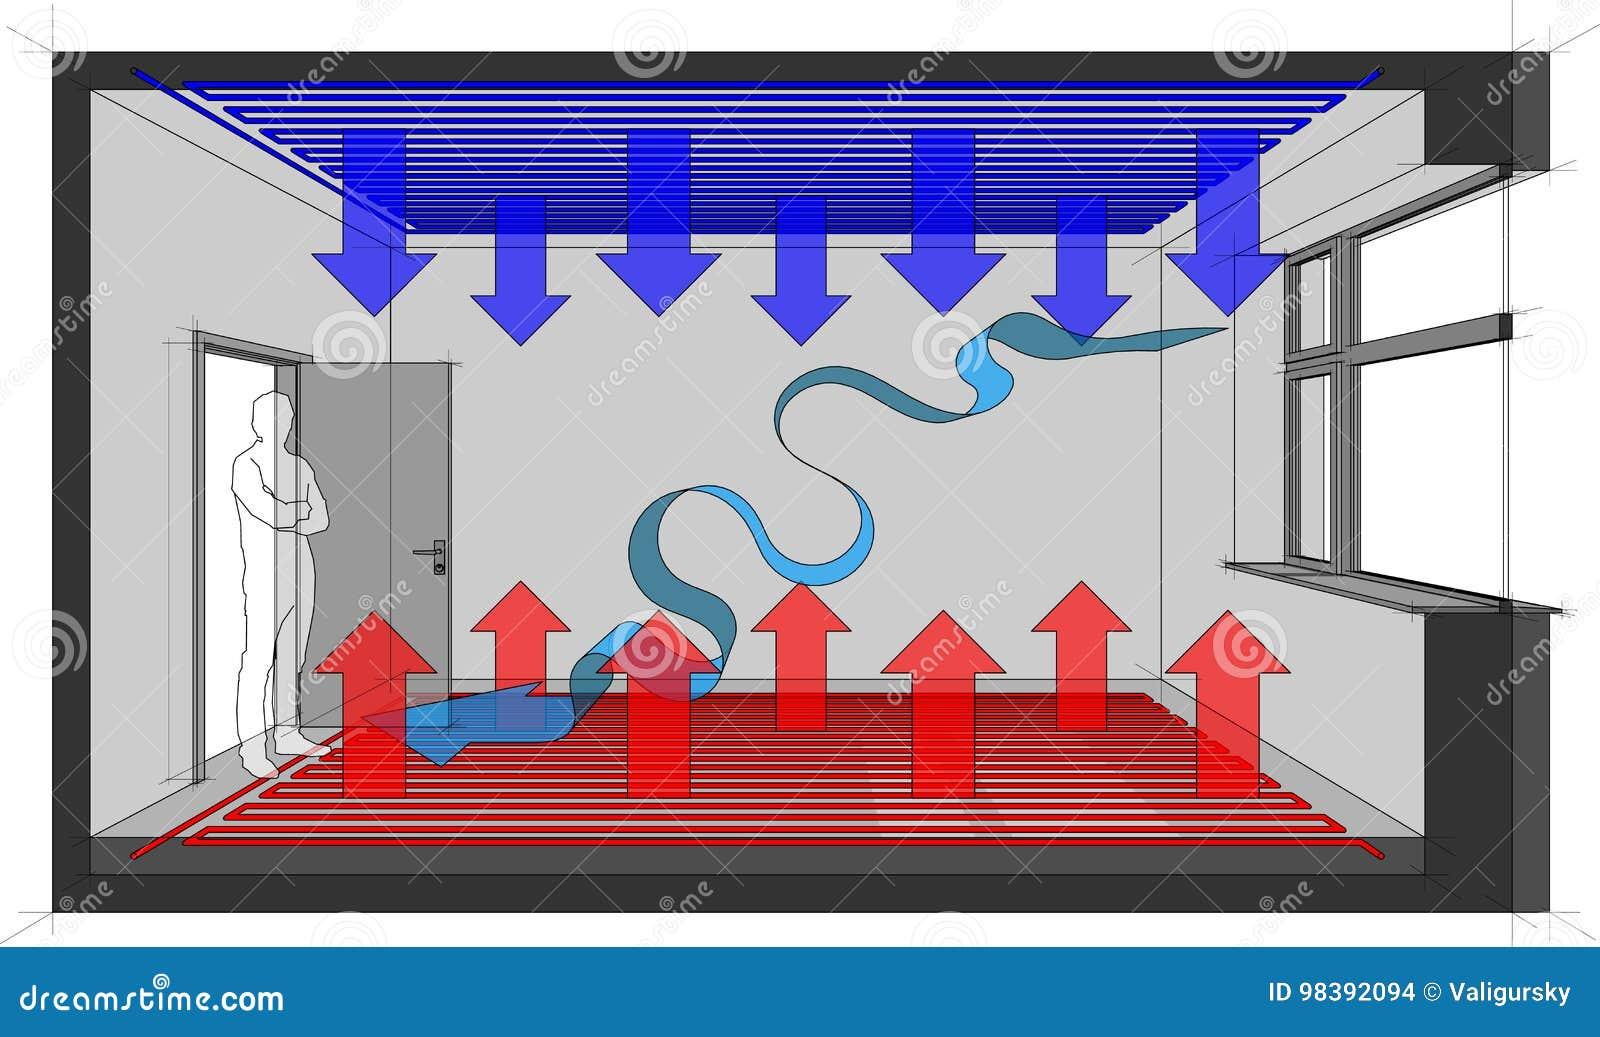 La calefacción de piso calentó el sitio con el enfriamiento del techo y la ventilación natural